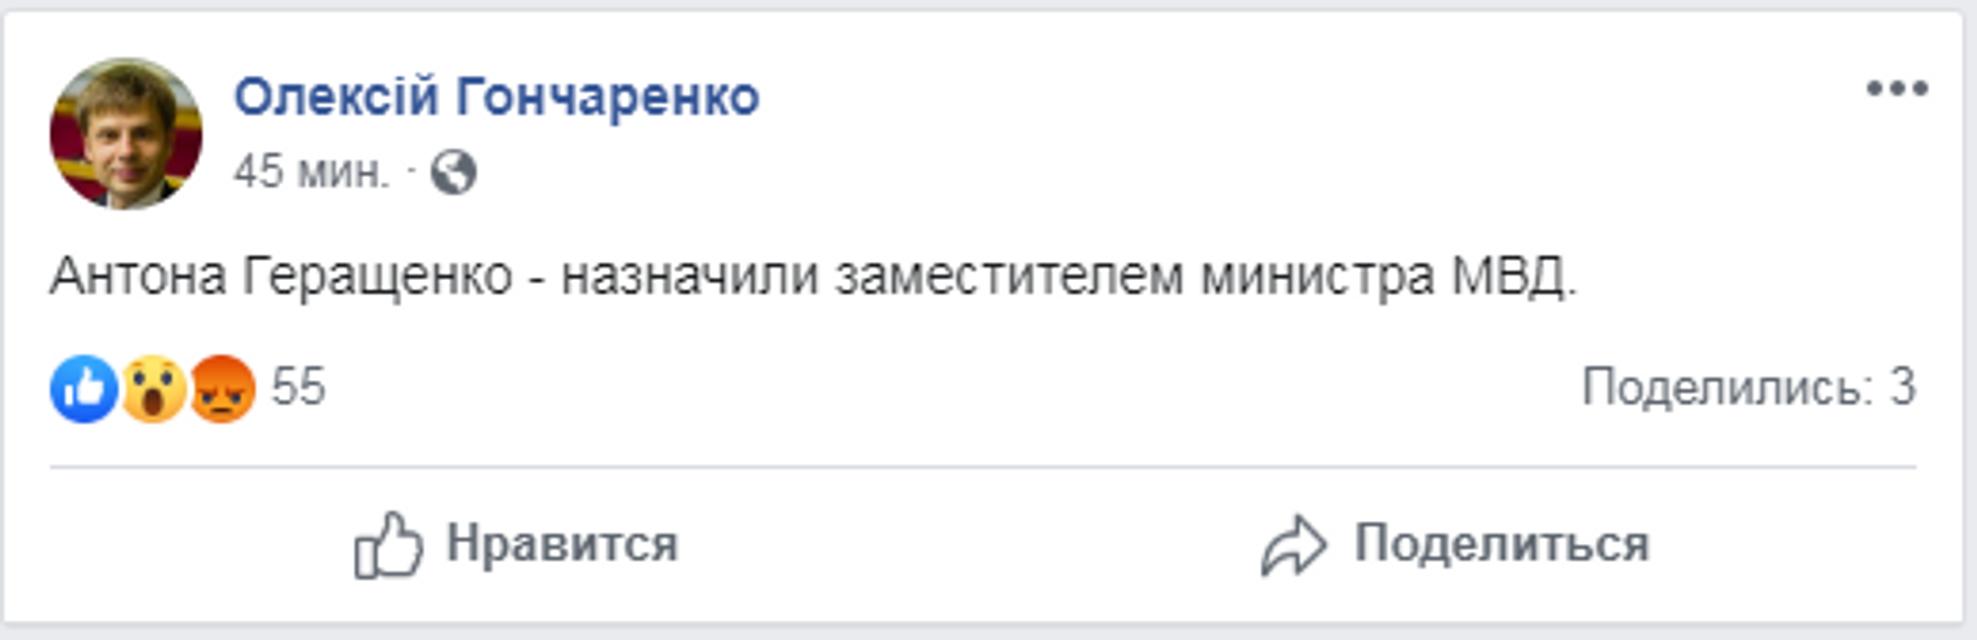 Антон Геращенко получил неожиданное повышение  - ФОТО - фото 188414